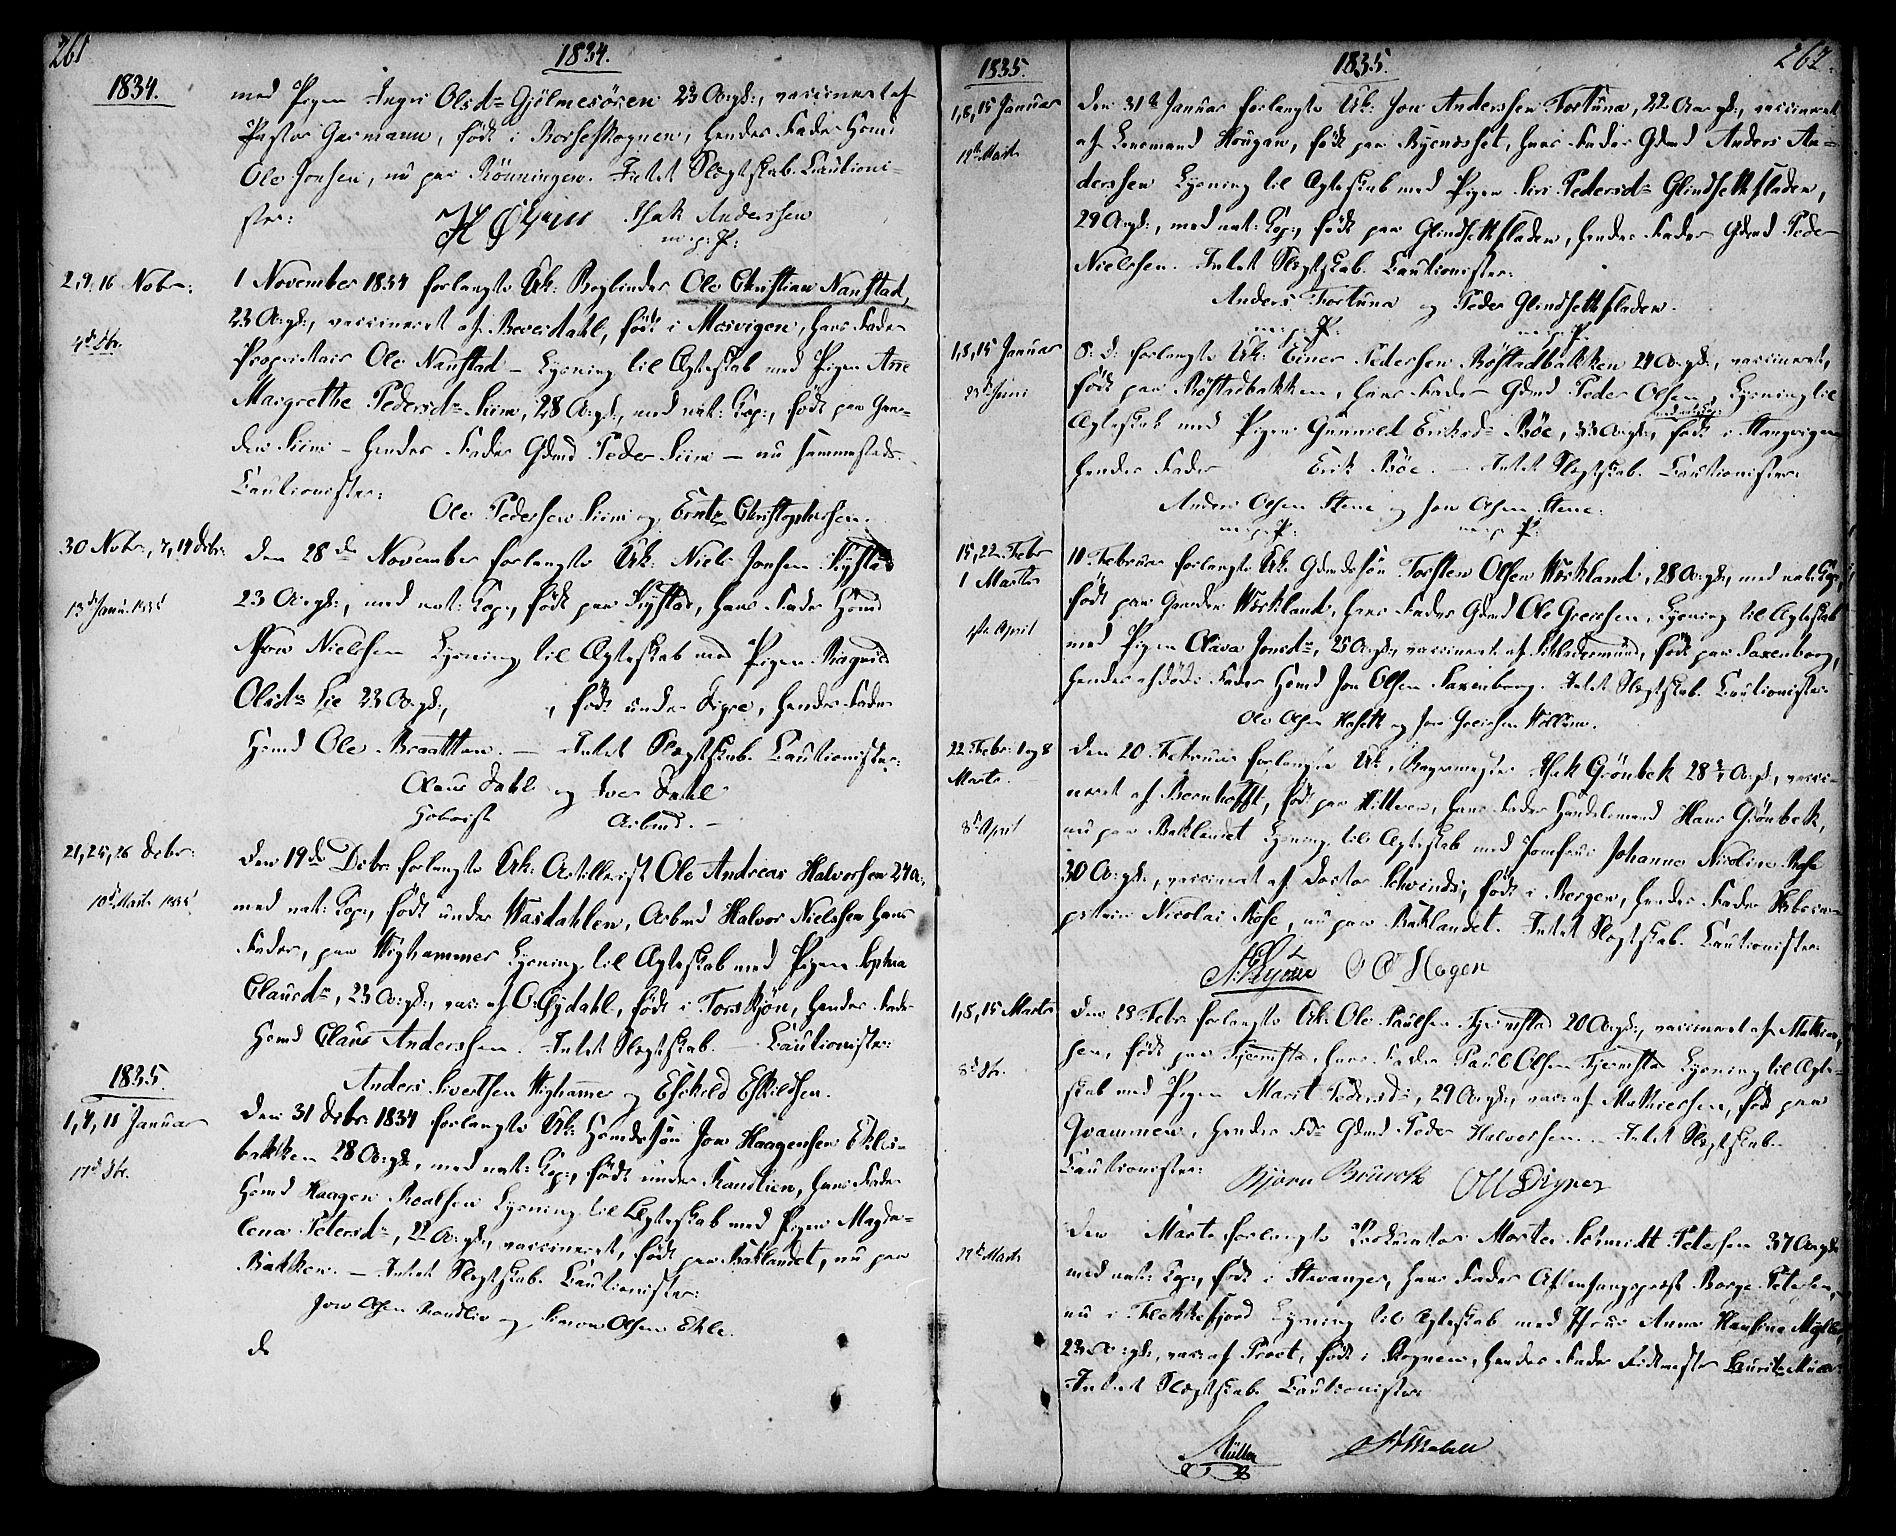 SAT, Ministerialprotokoller, klokkerbøker og fødselsregistre - Sør-Trøndelag, 604/L0181: Ministerialbok nr. 604A02, 1798-1817, s. 261-262